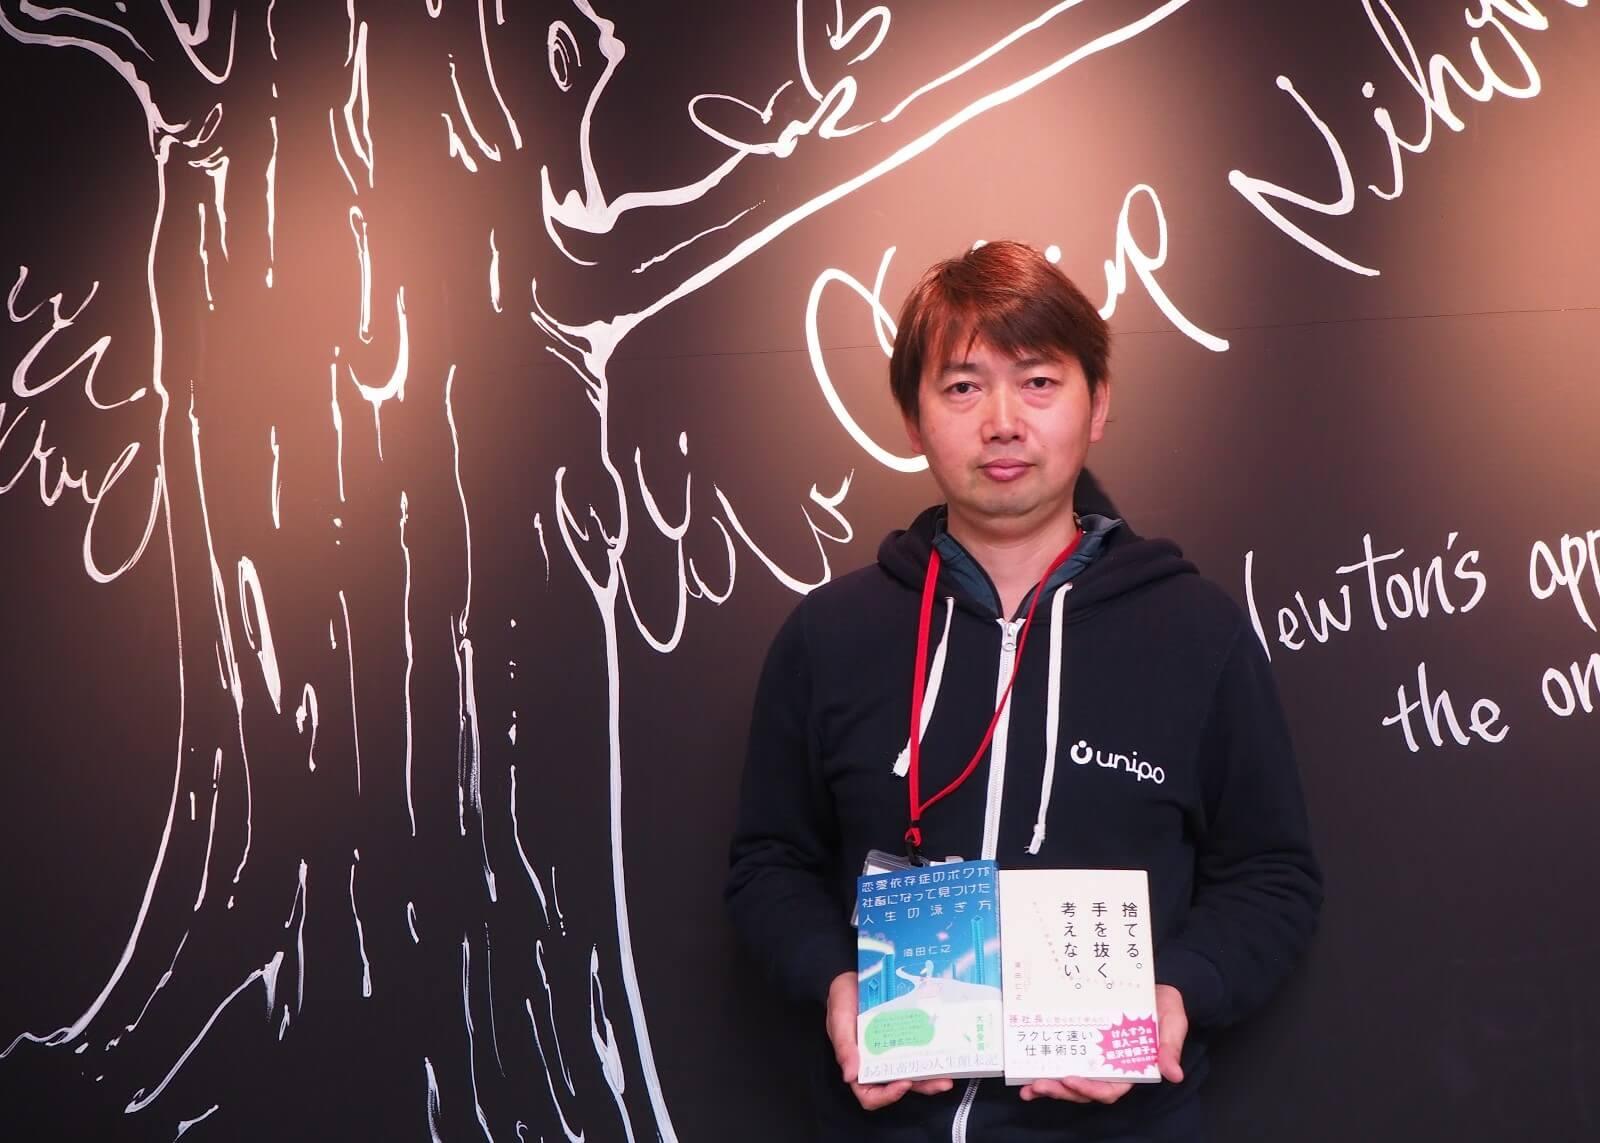 「若者よ、幹部を目指せ」チームで上場させた須田仁之が起業したい若者に伝えたいこと